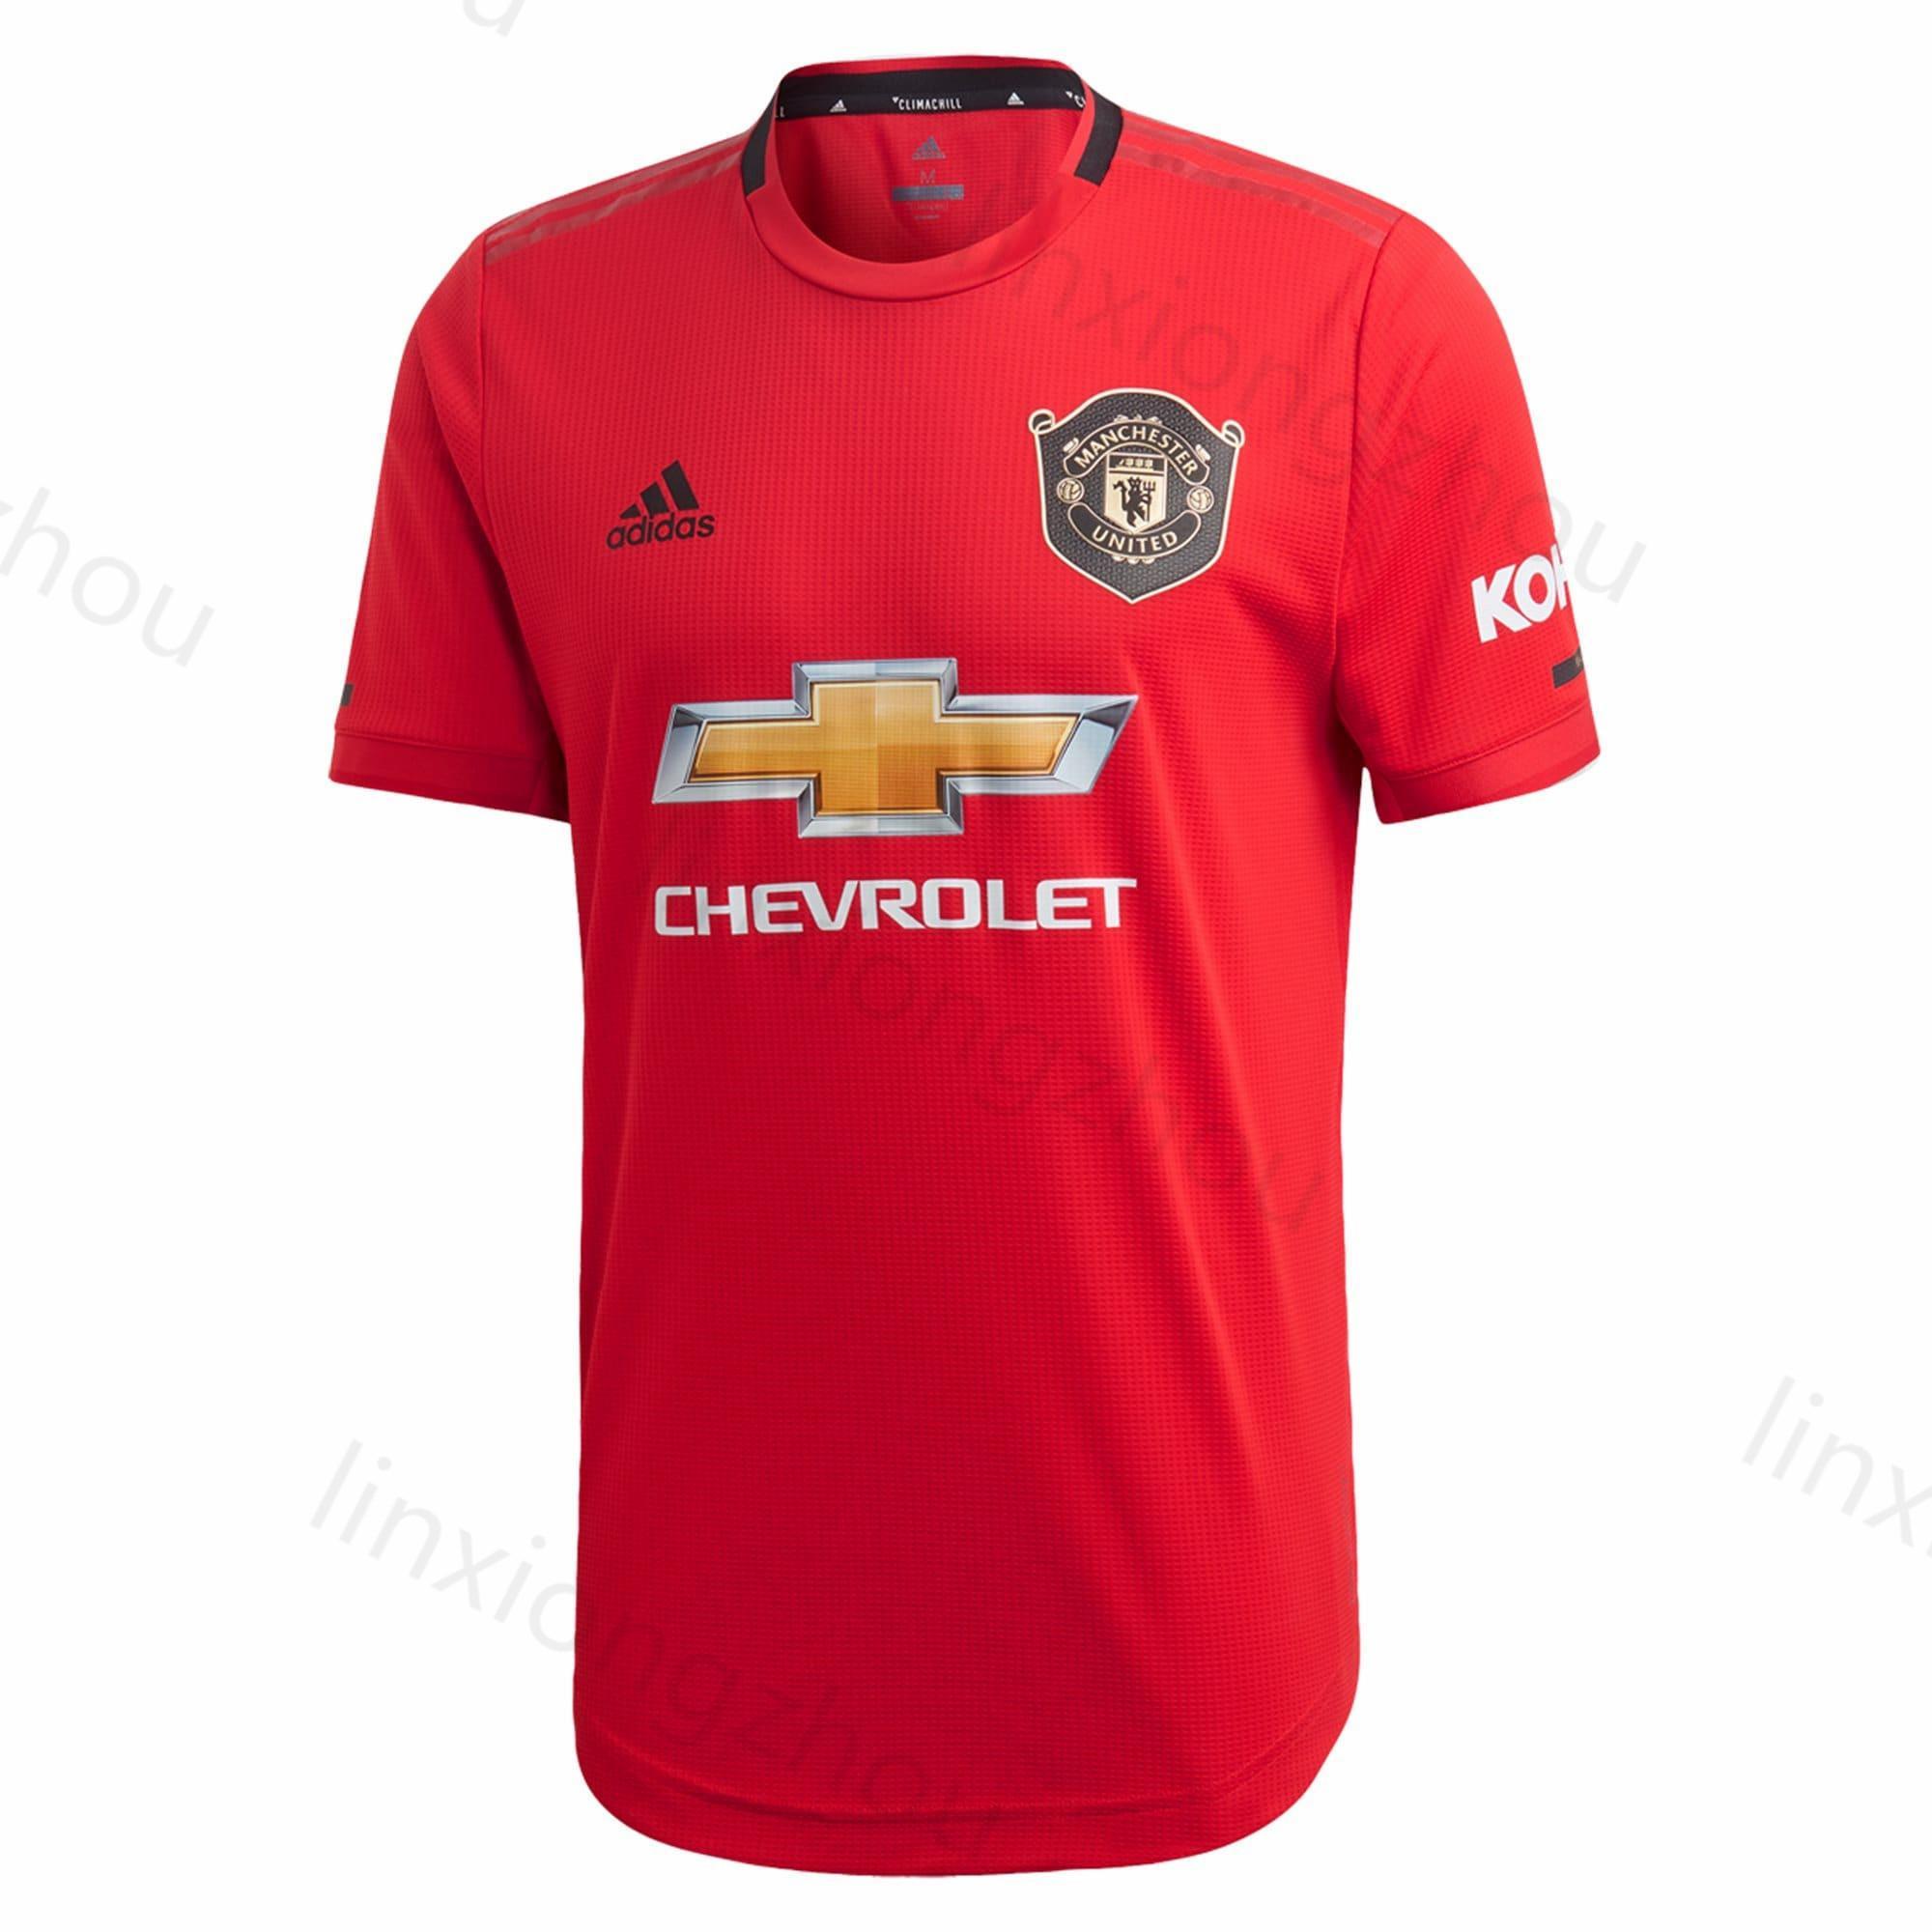 9d1b5d25f8fc Highest quality 1920 Manchester United Man Utd football Jersey grade AAA